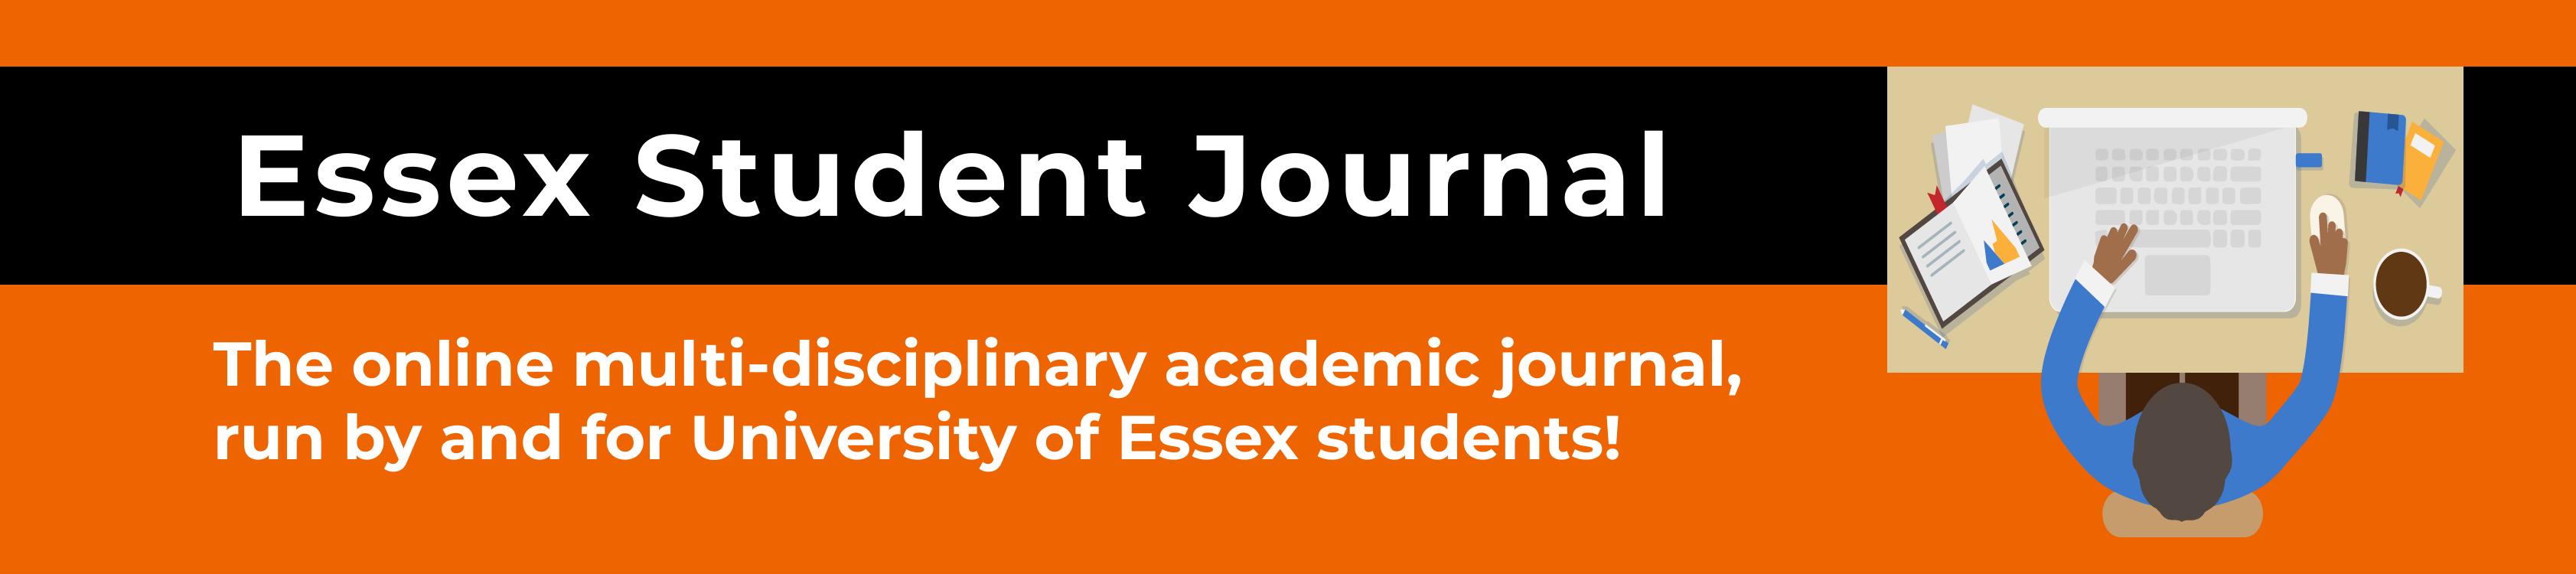 Essex Student Journal